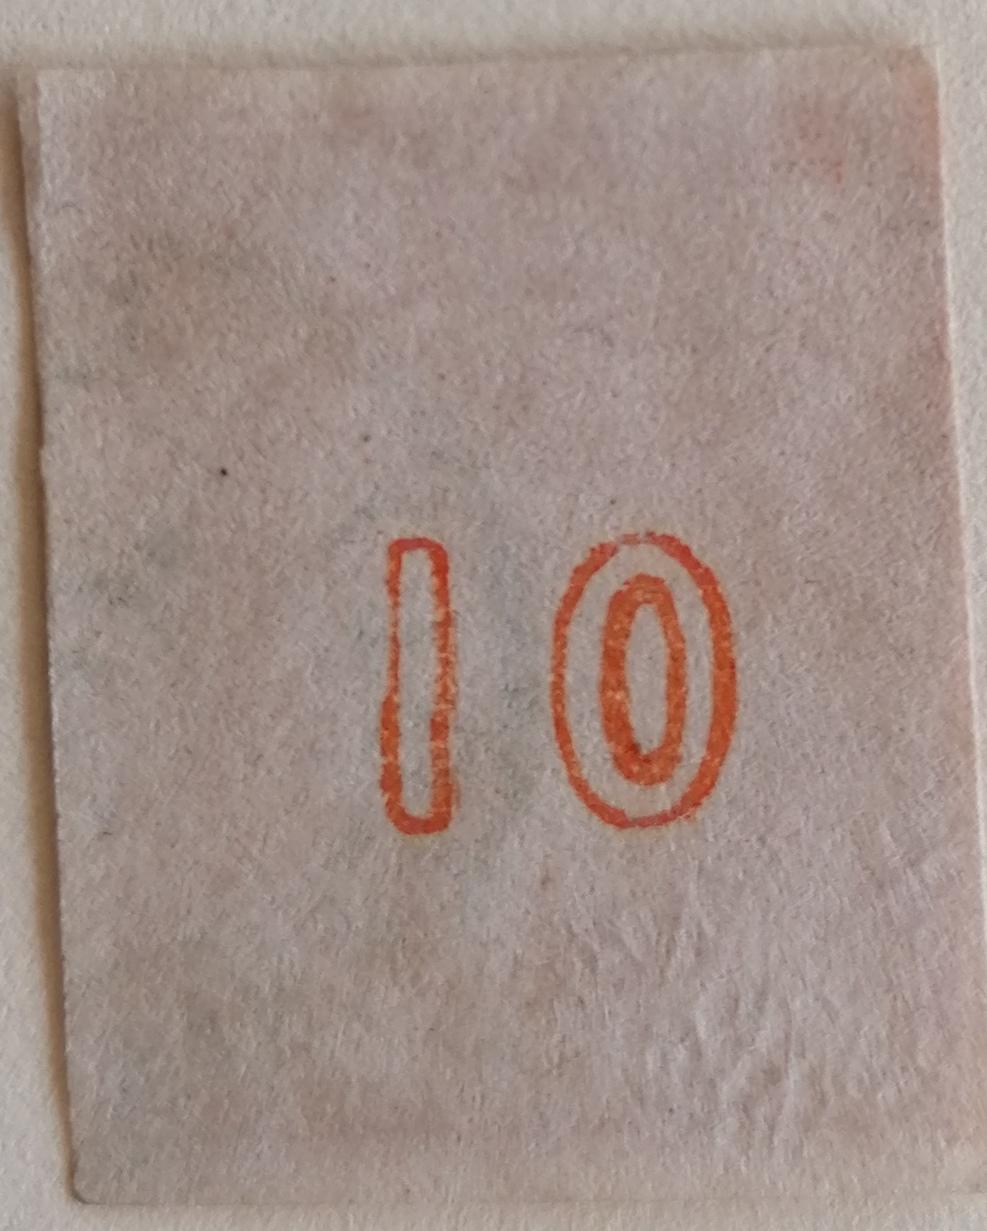 Χαρακτηριστικά ''1''των αριθμών ελέγχου. Img_2376